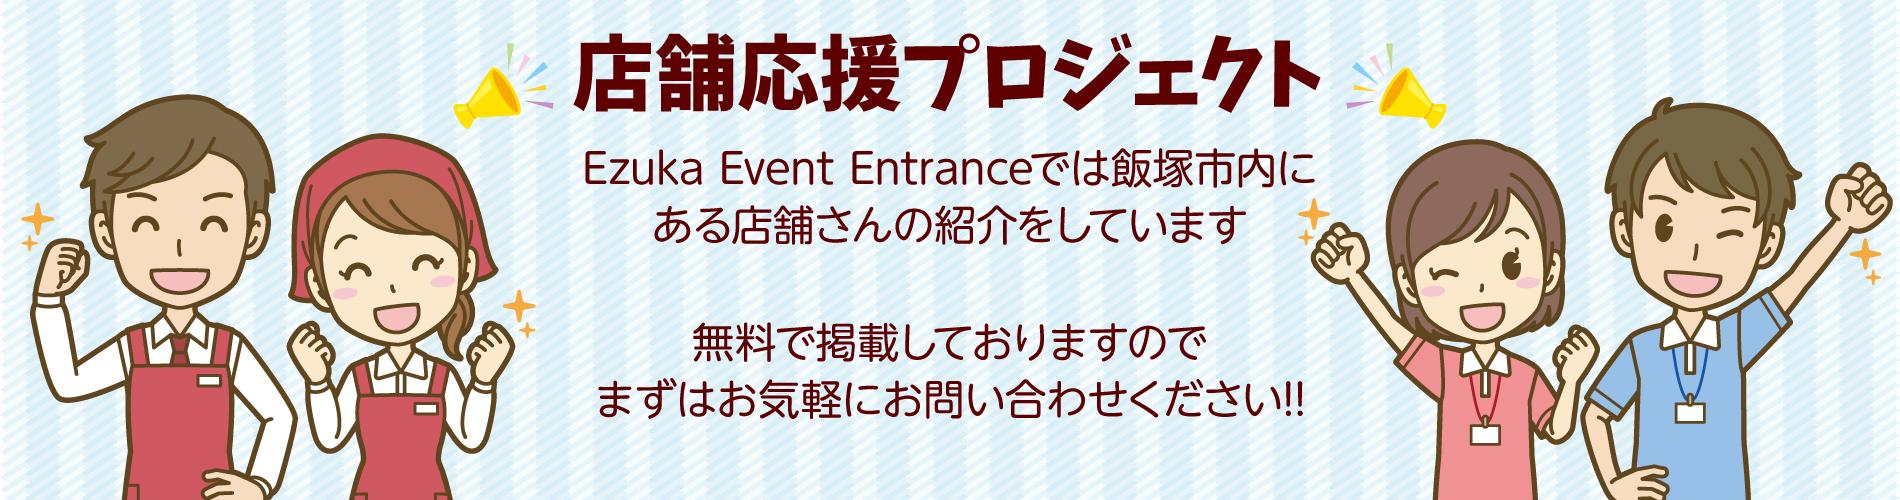 E-ZUKA EVENT ENTRANCE TOP